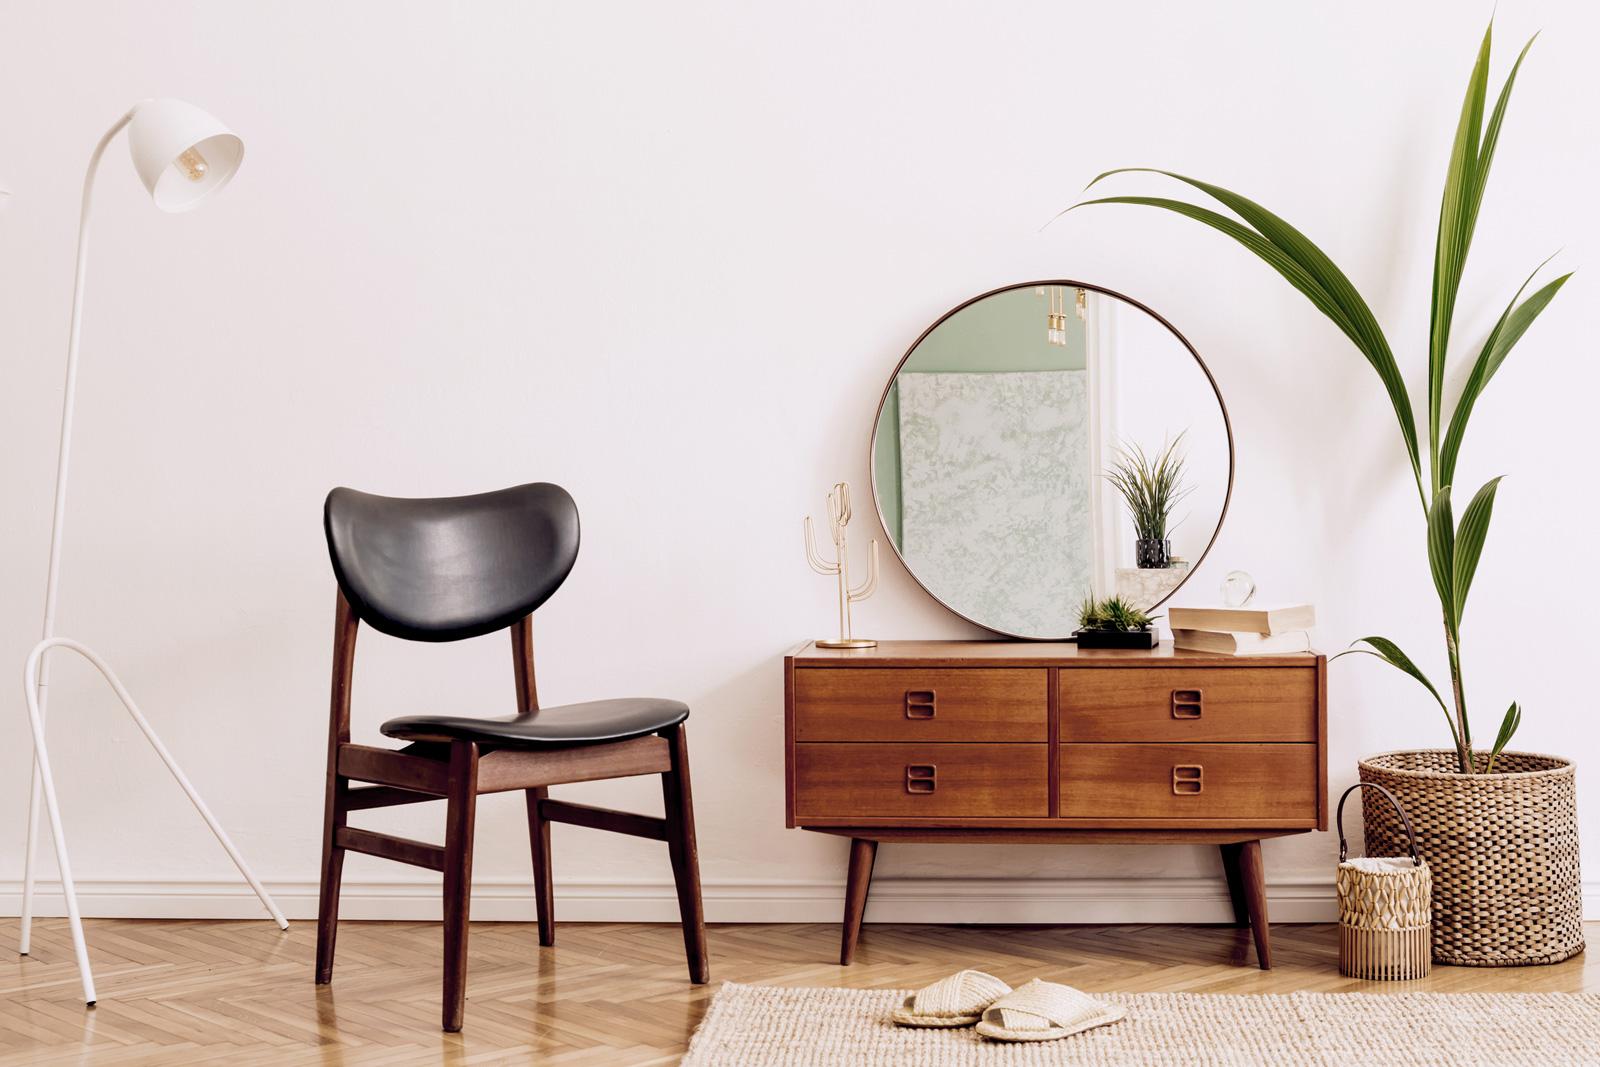 Leichtigkeit: kleine Möbel auf schlanken Beinen